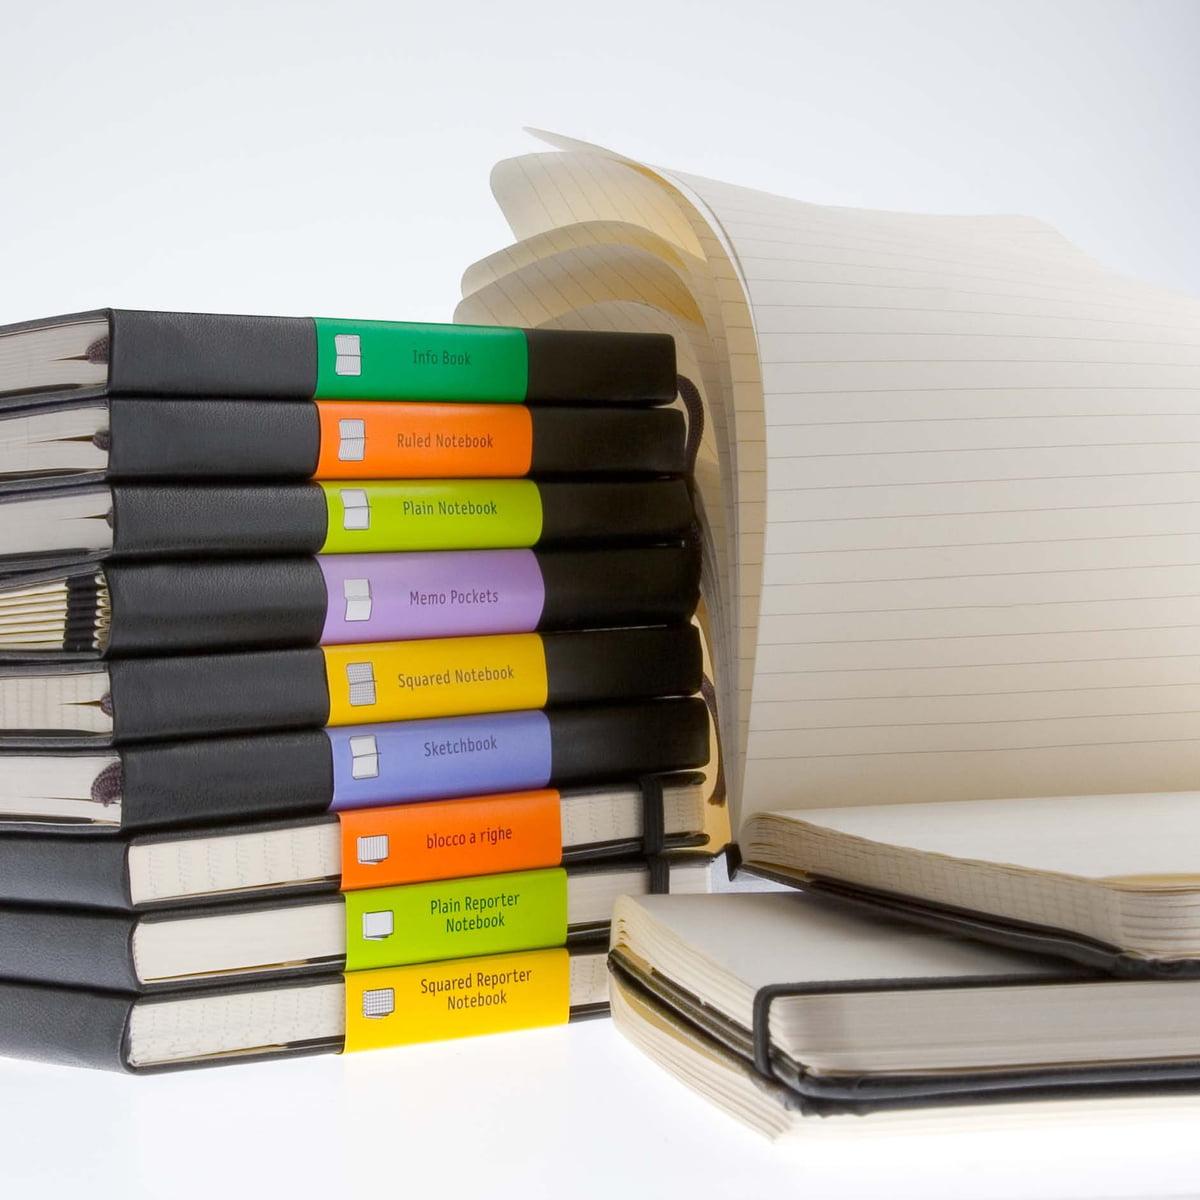 Moleskine Notebooks Pocket in the design shop